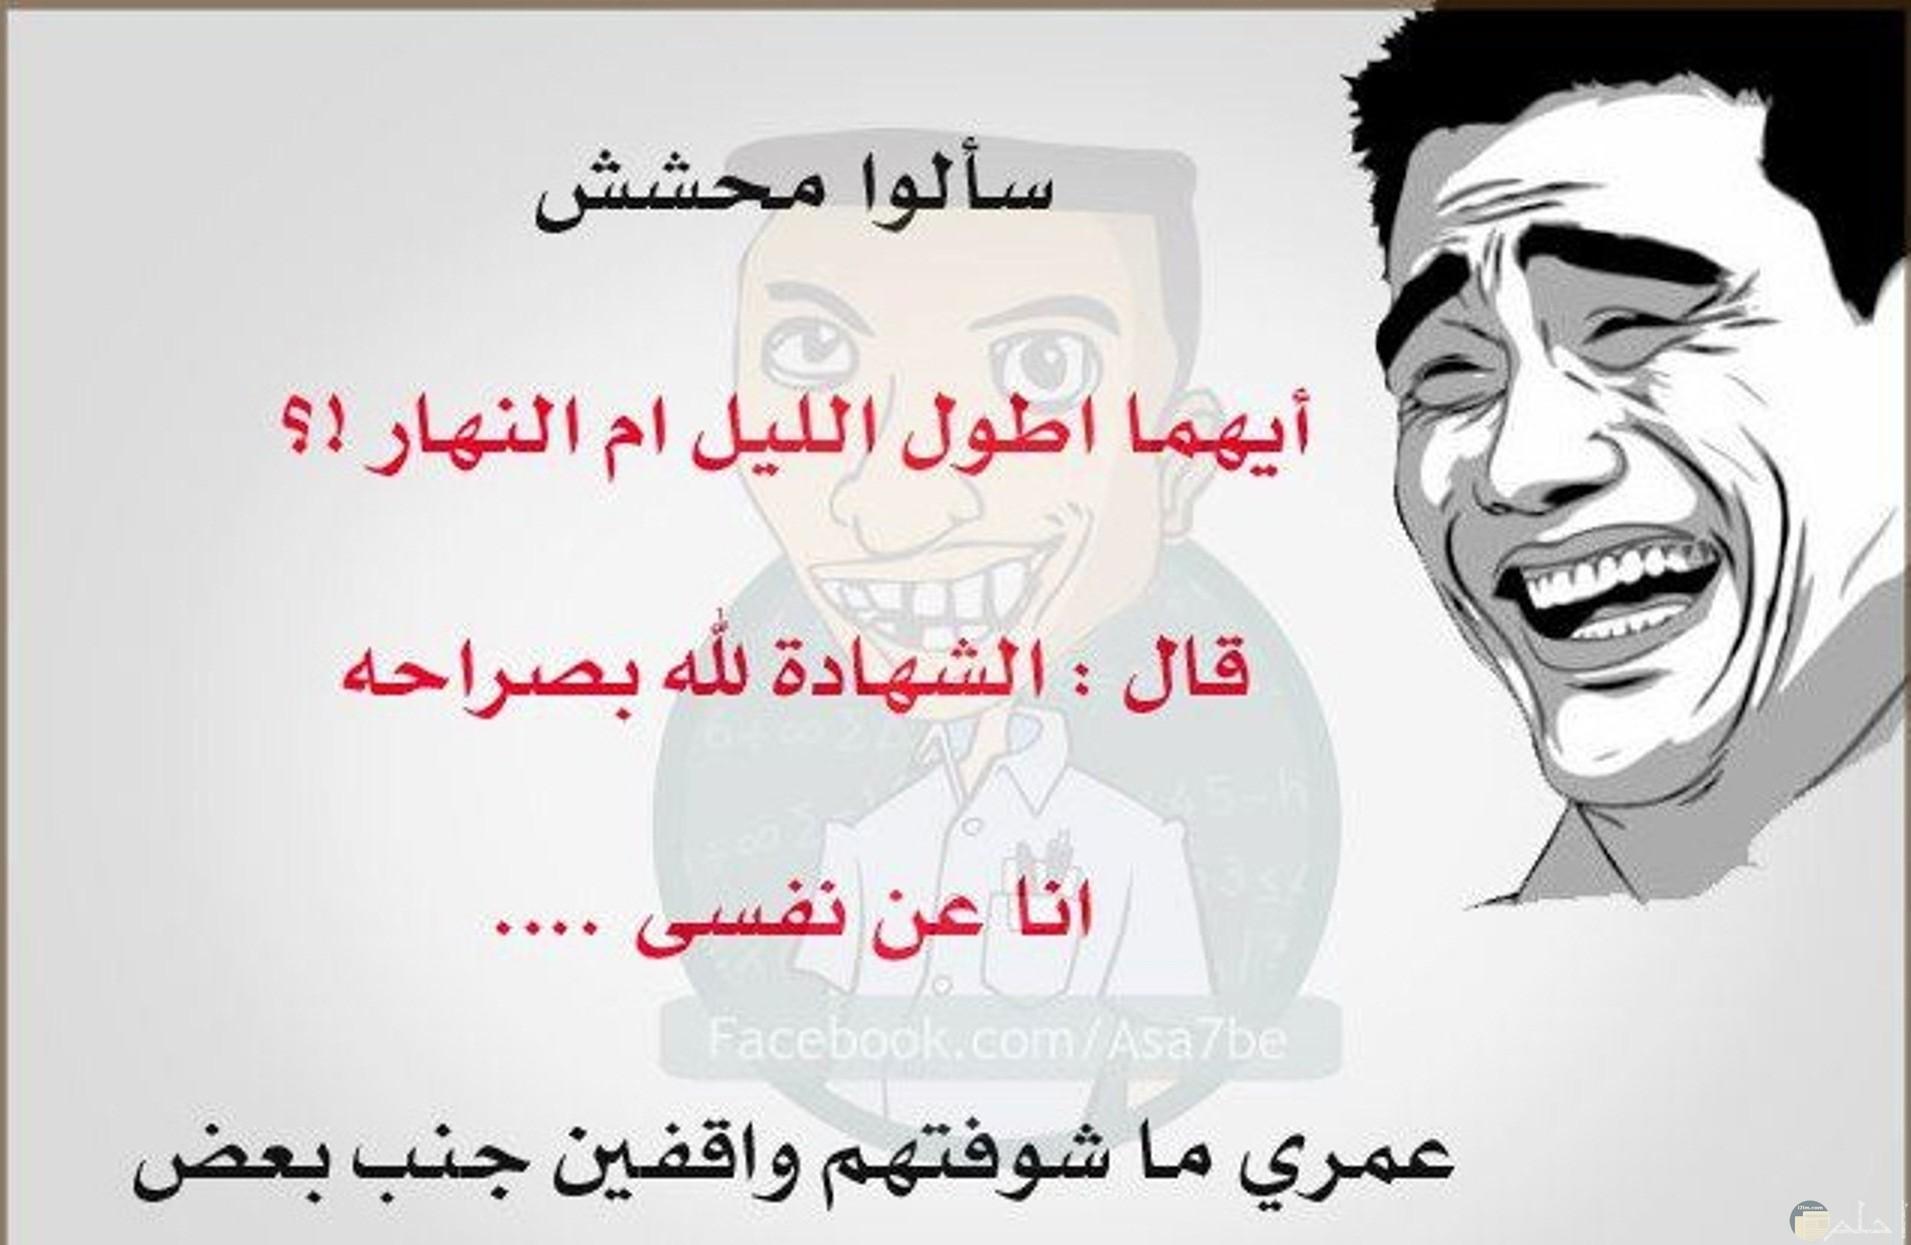 صور فيس بوك مضحكة عن سؤال لمحشش عن طول الليل والنهار